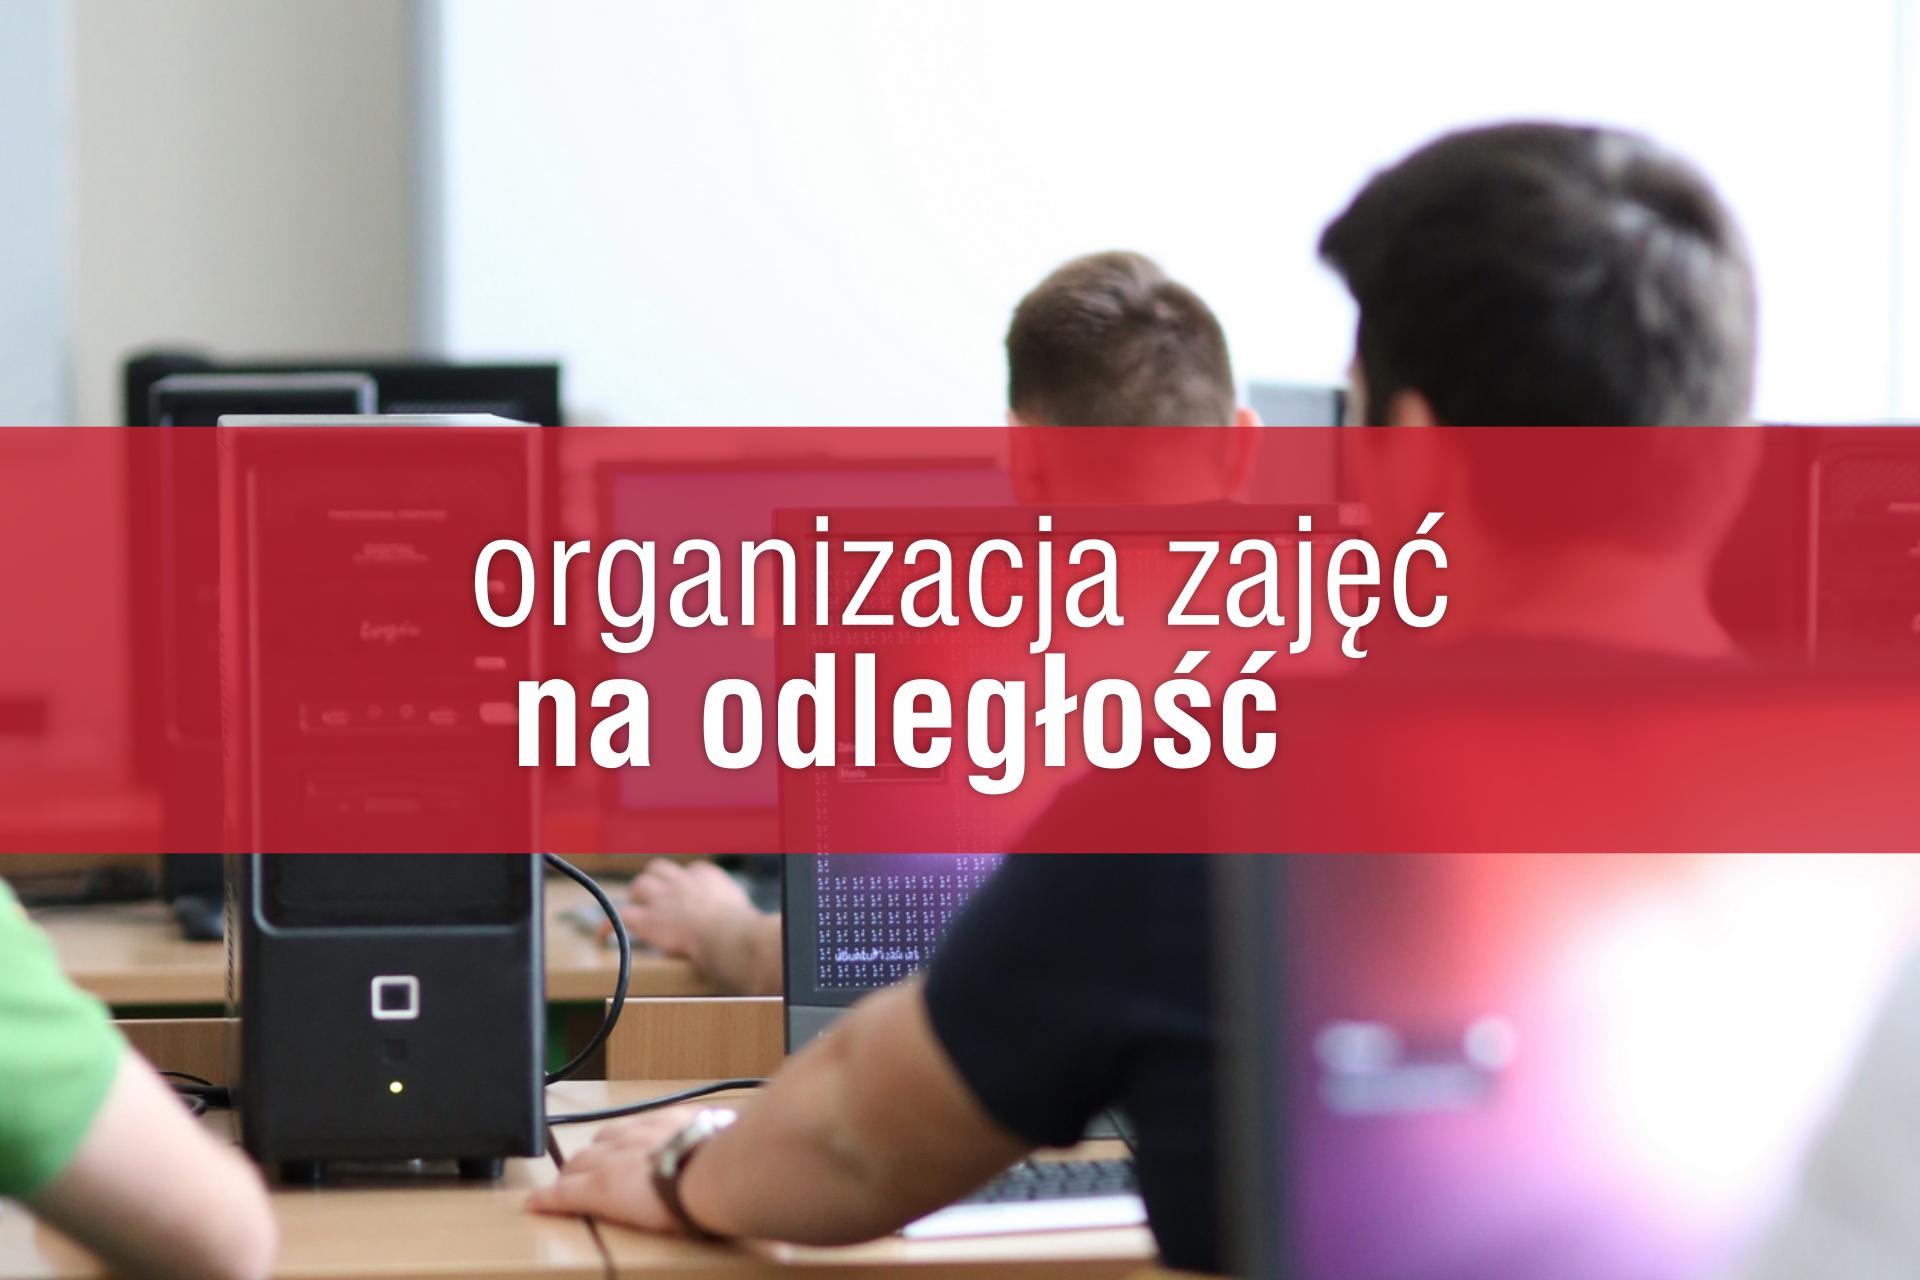 Organizacja zajęć na odległość